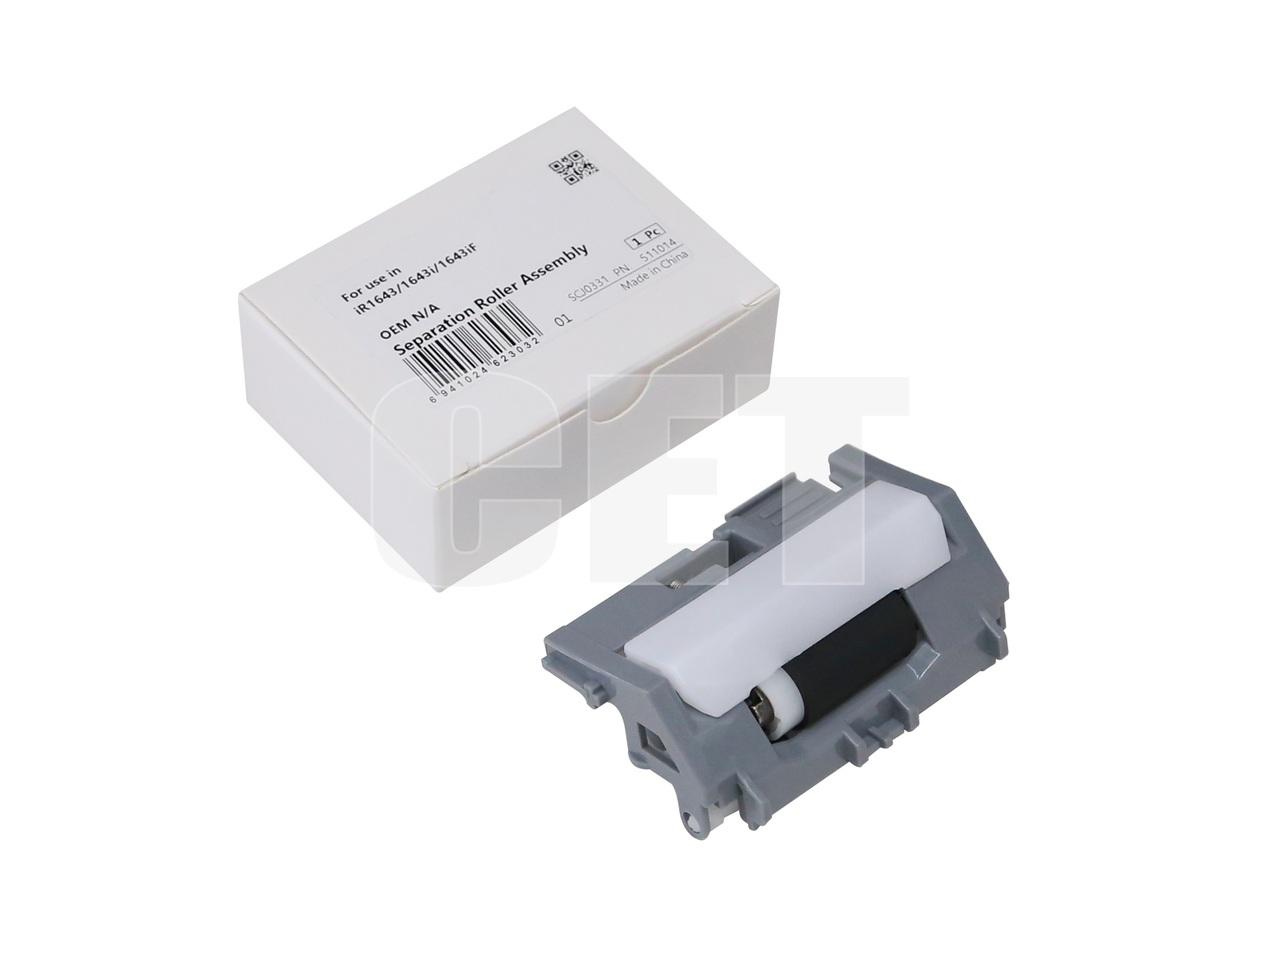 Ролик отделения в сборе для HP LaserJet ProM402dn/M402dw/M402 (CET), CET511014